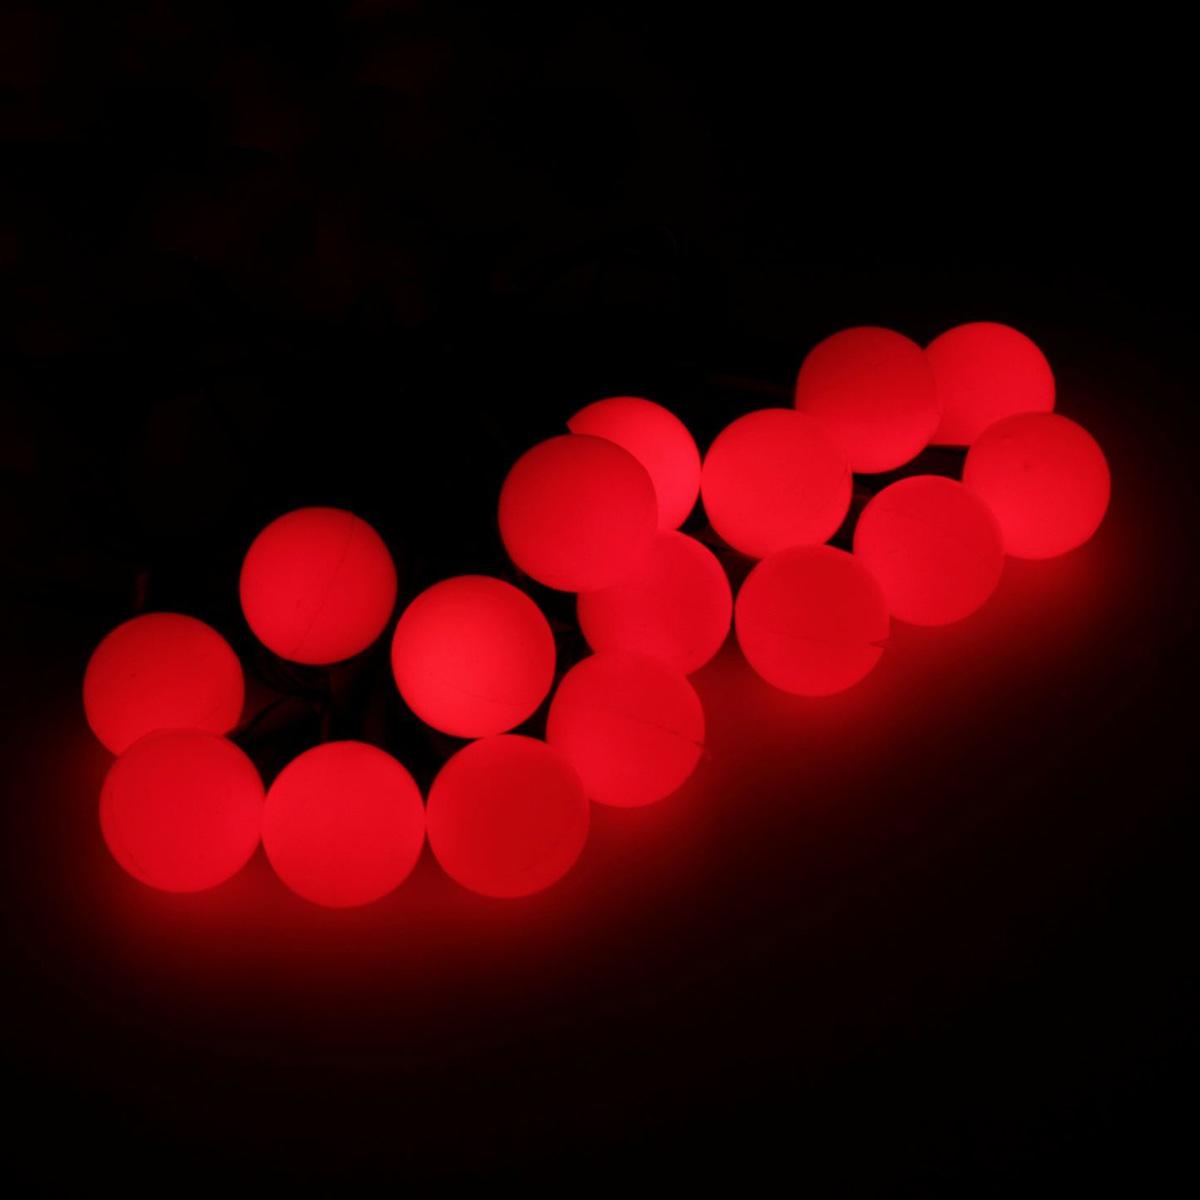 Гирлянда светодиодная Luazon Метраж. Шарики, уличная с насадкой, 8 режимов, 50 ламп, 220 V, 6 м, цвет: красный. 538713 гирлянда luazon дождь 2m 6m multicolor 671678